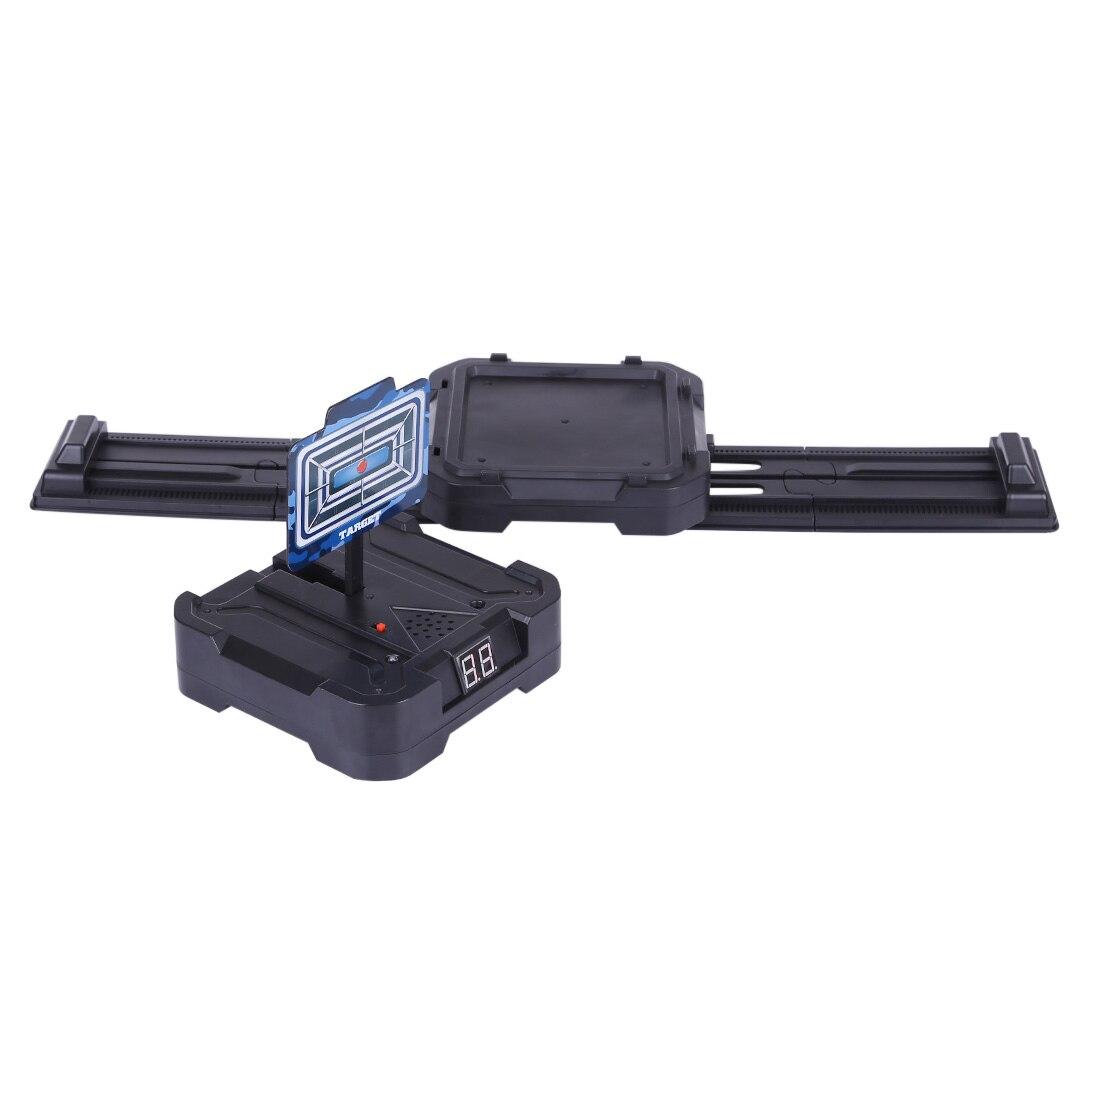 Livraison gratuite 1 pièces cible mobile automatique électronique pour Blaster de Gel d'eau - 3